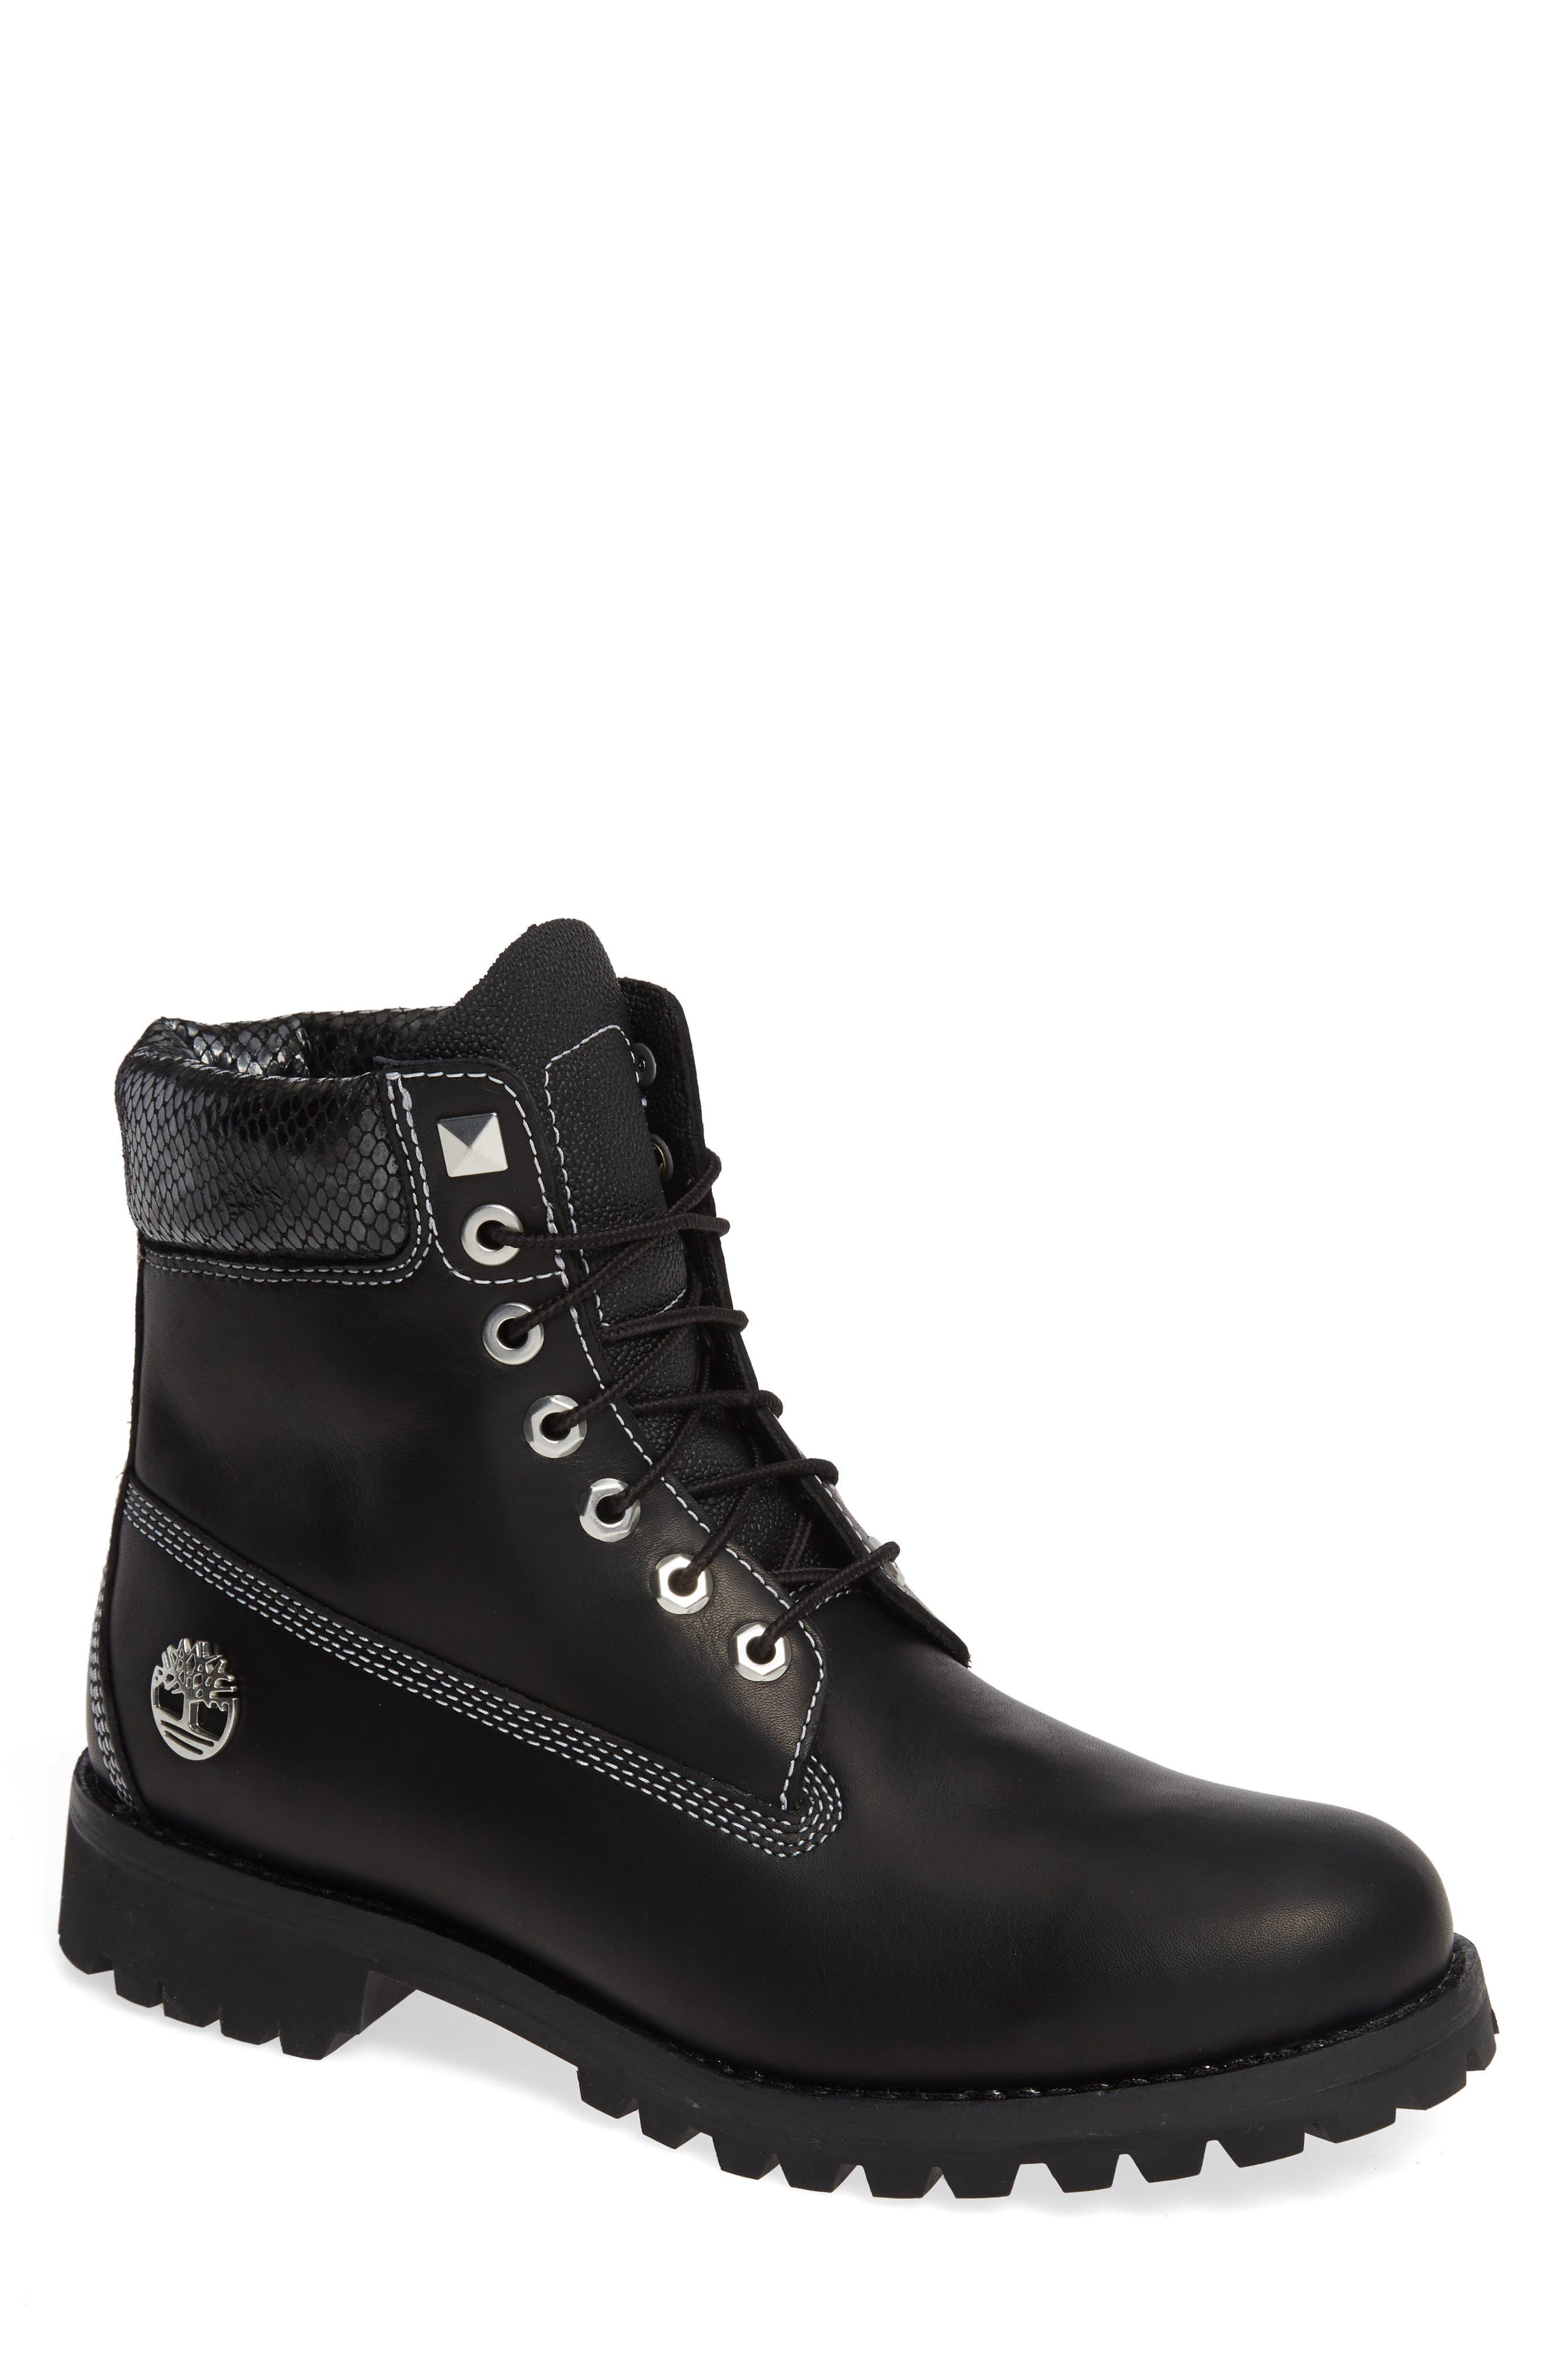 Social Scene Waterproof Boot,                         Main,                         color, STINGRAY BLACK